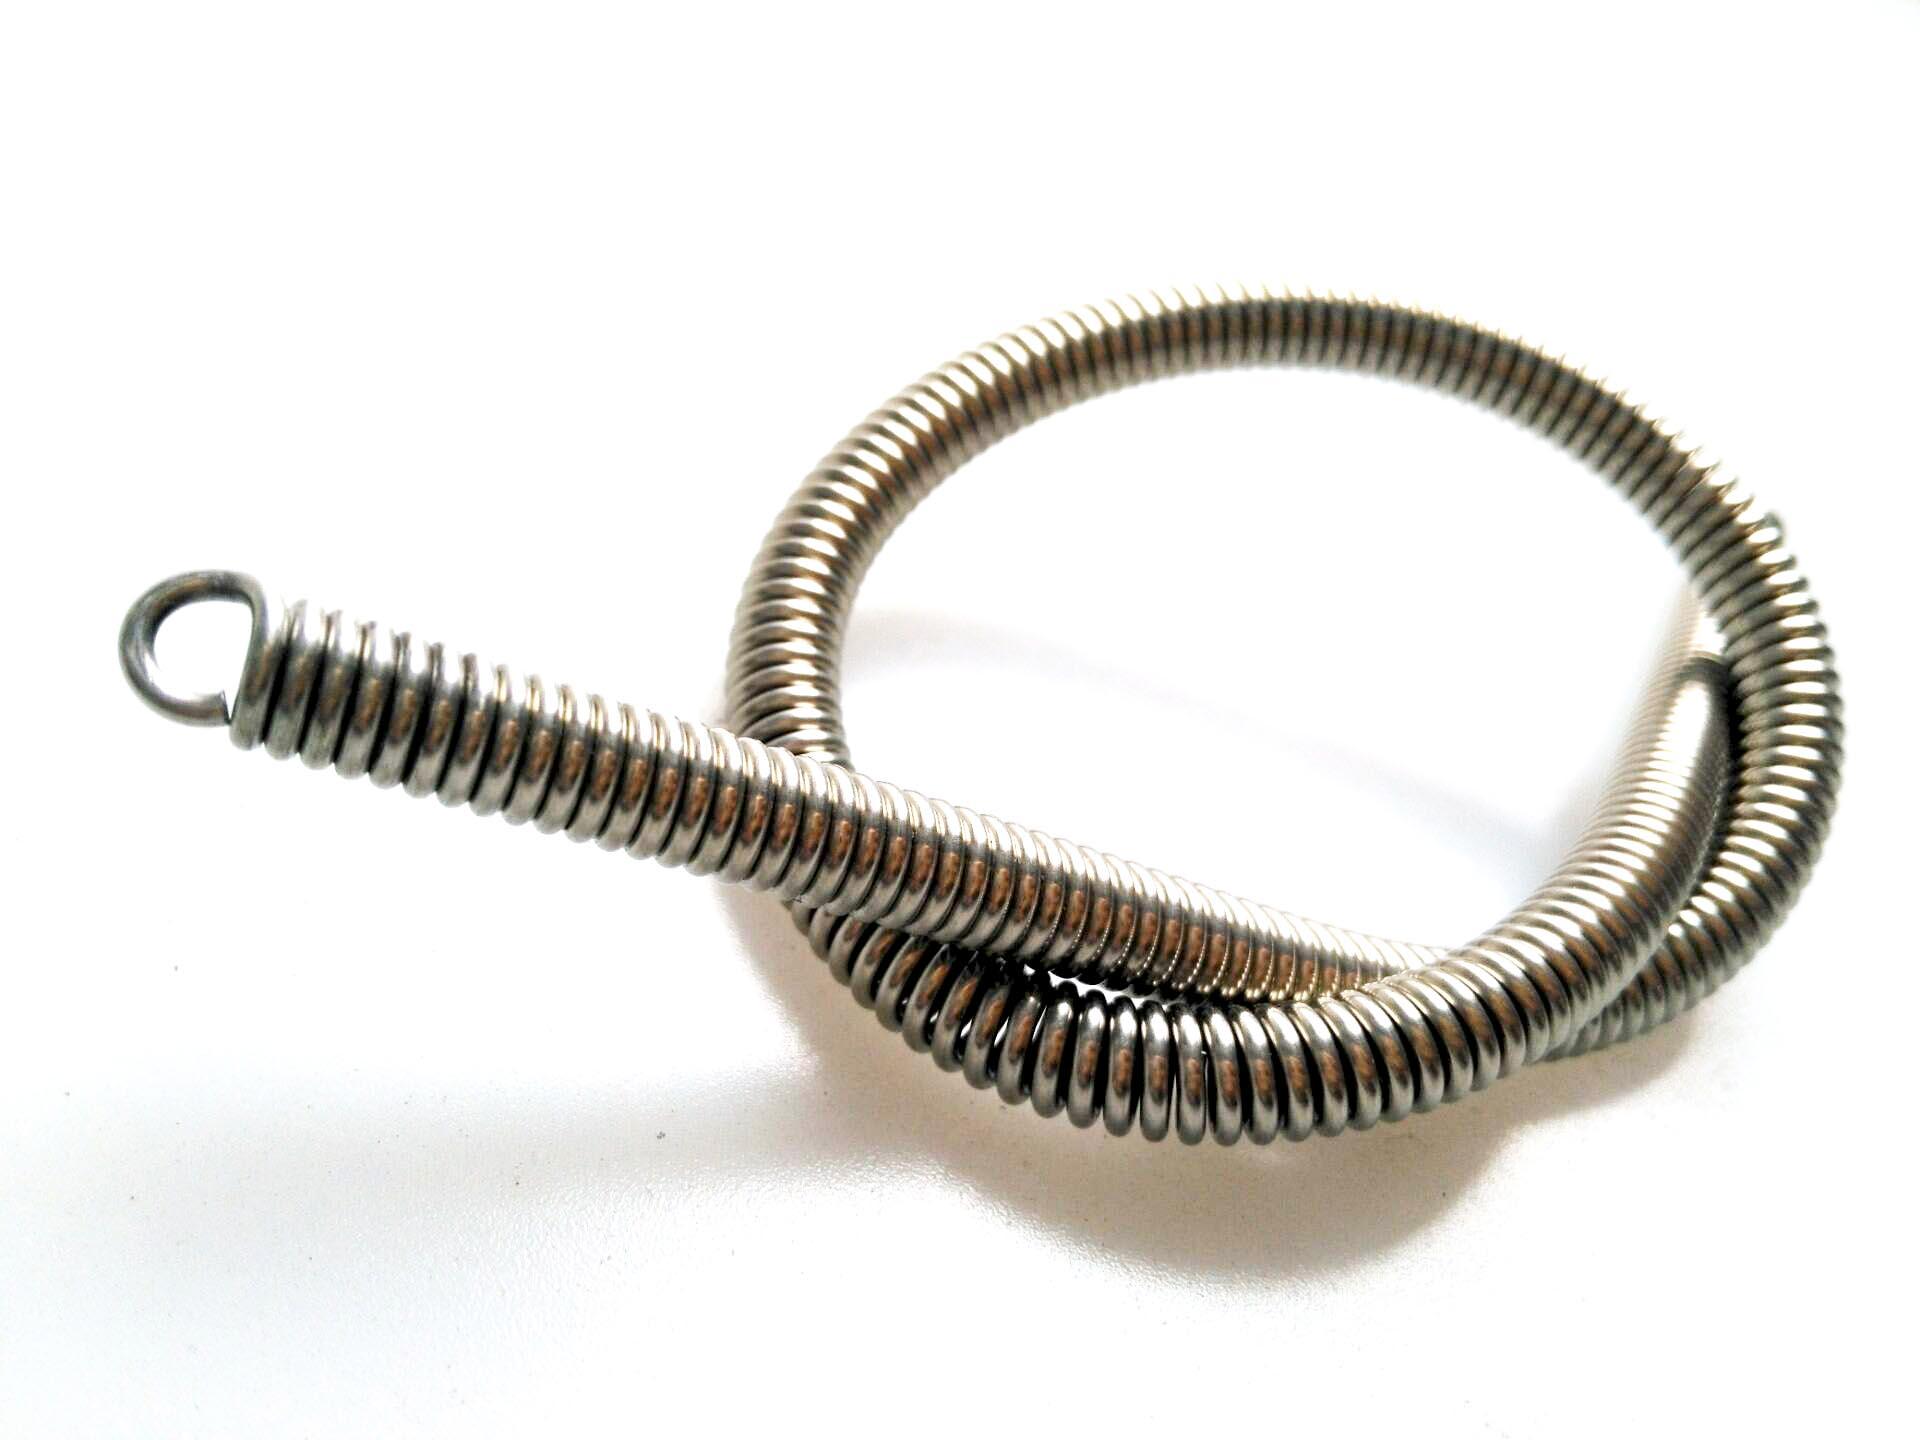 弹簧怎样清洁才不容易受到损伤?